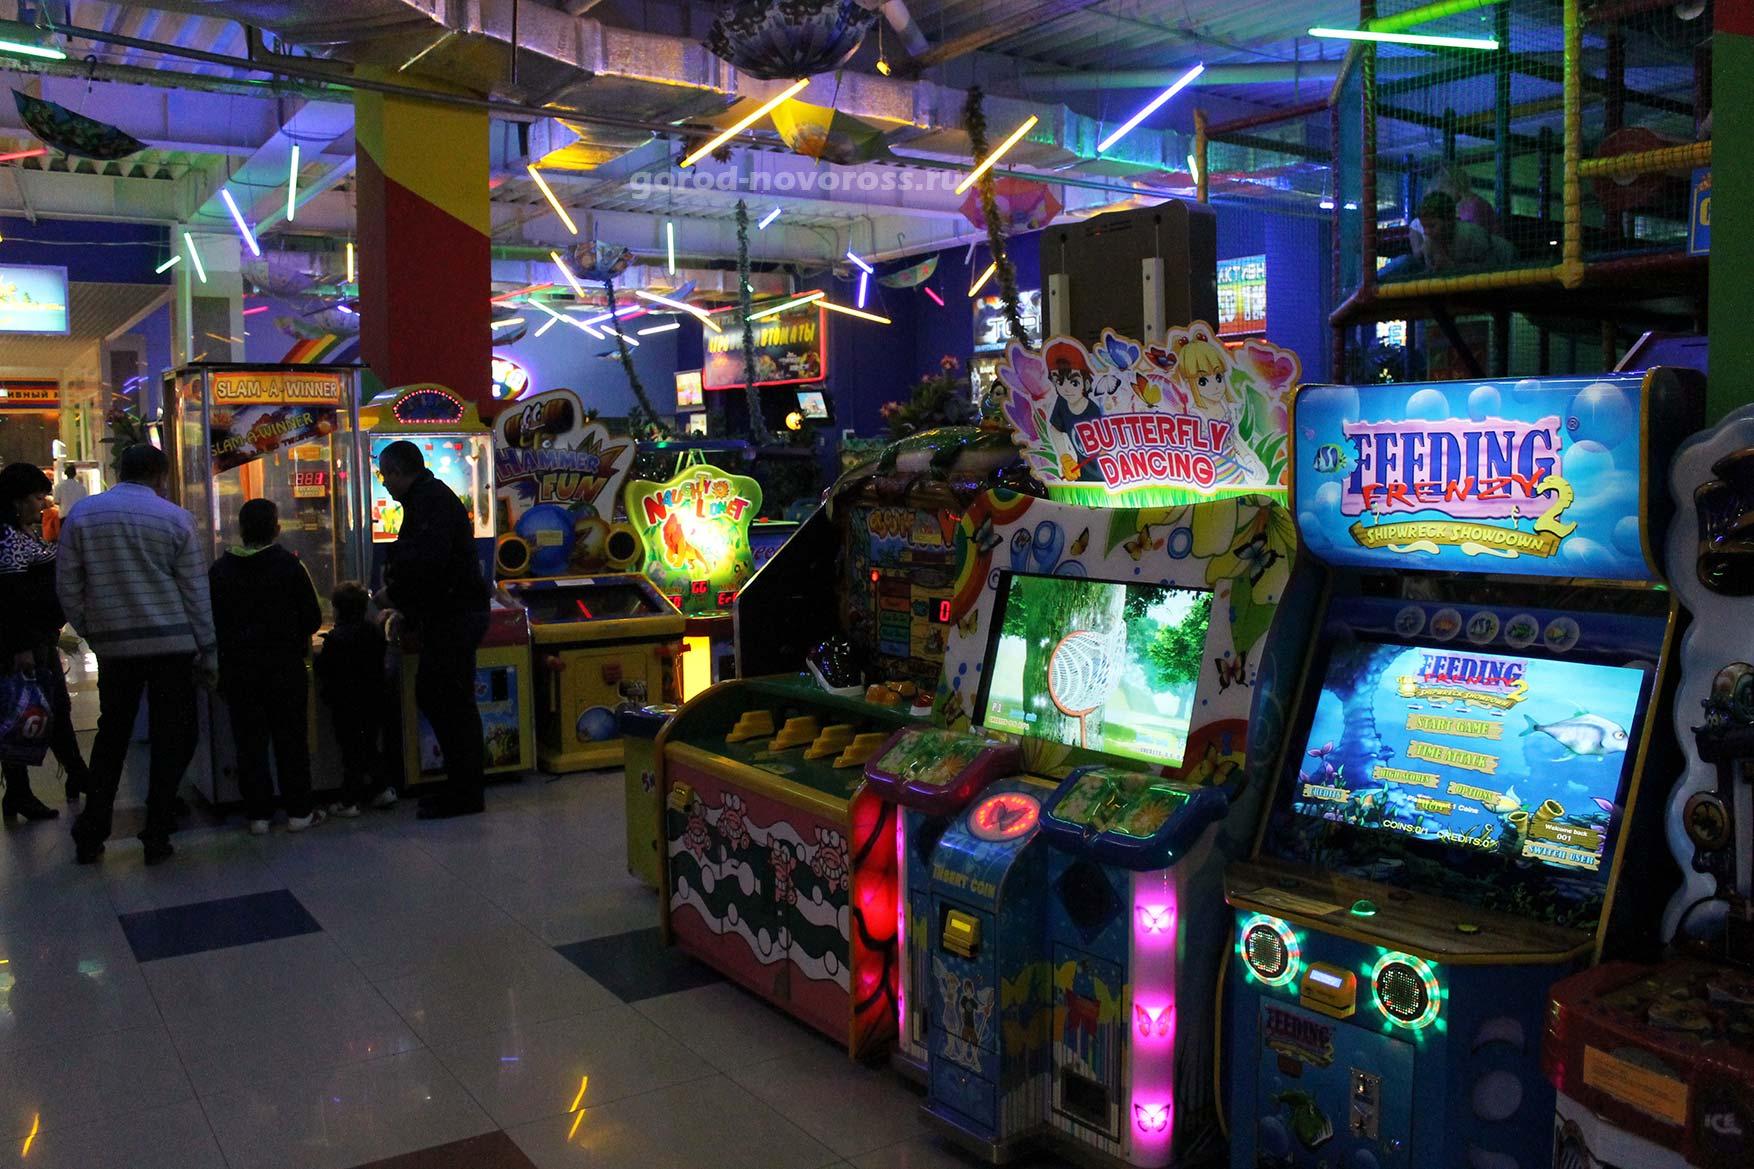 Игровые автоматы в торговом центре игровые автоматы джек-пот играть бесплатно